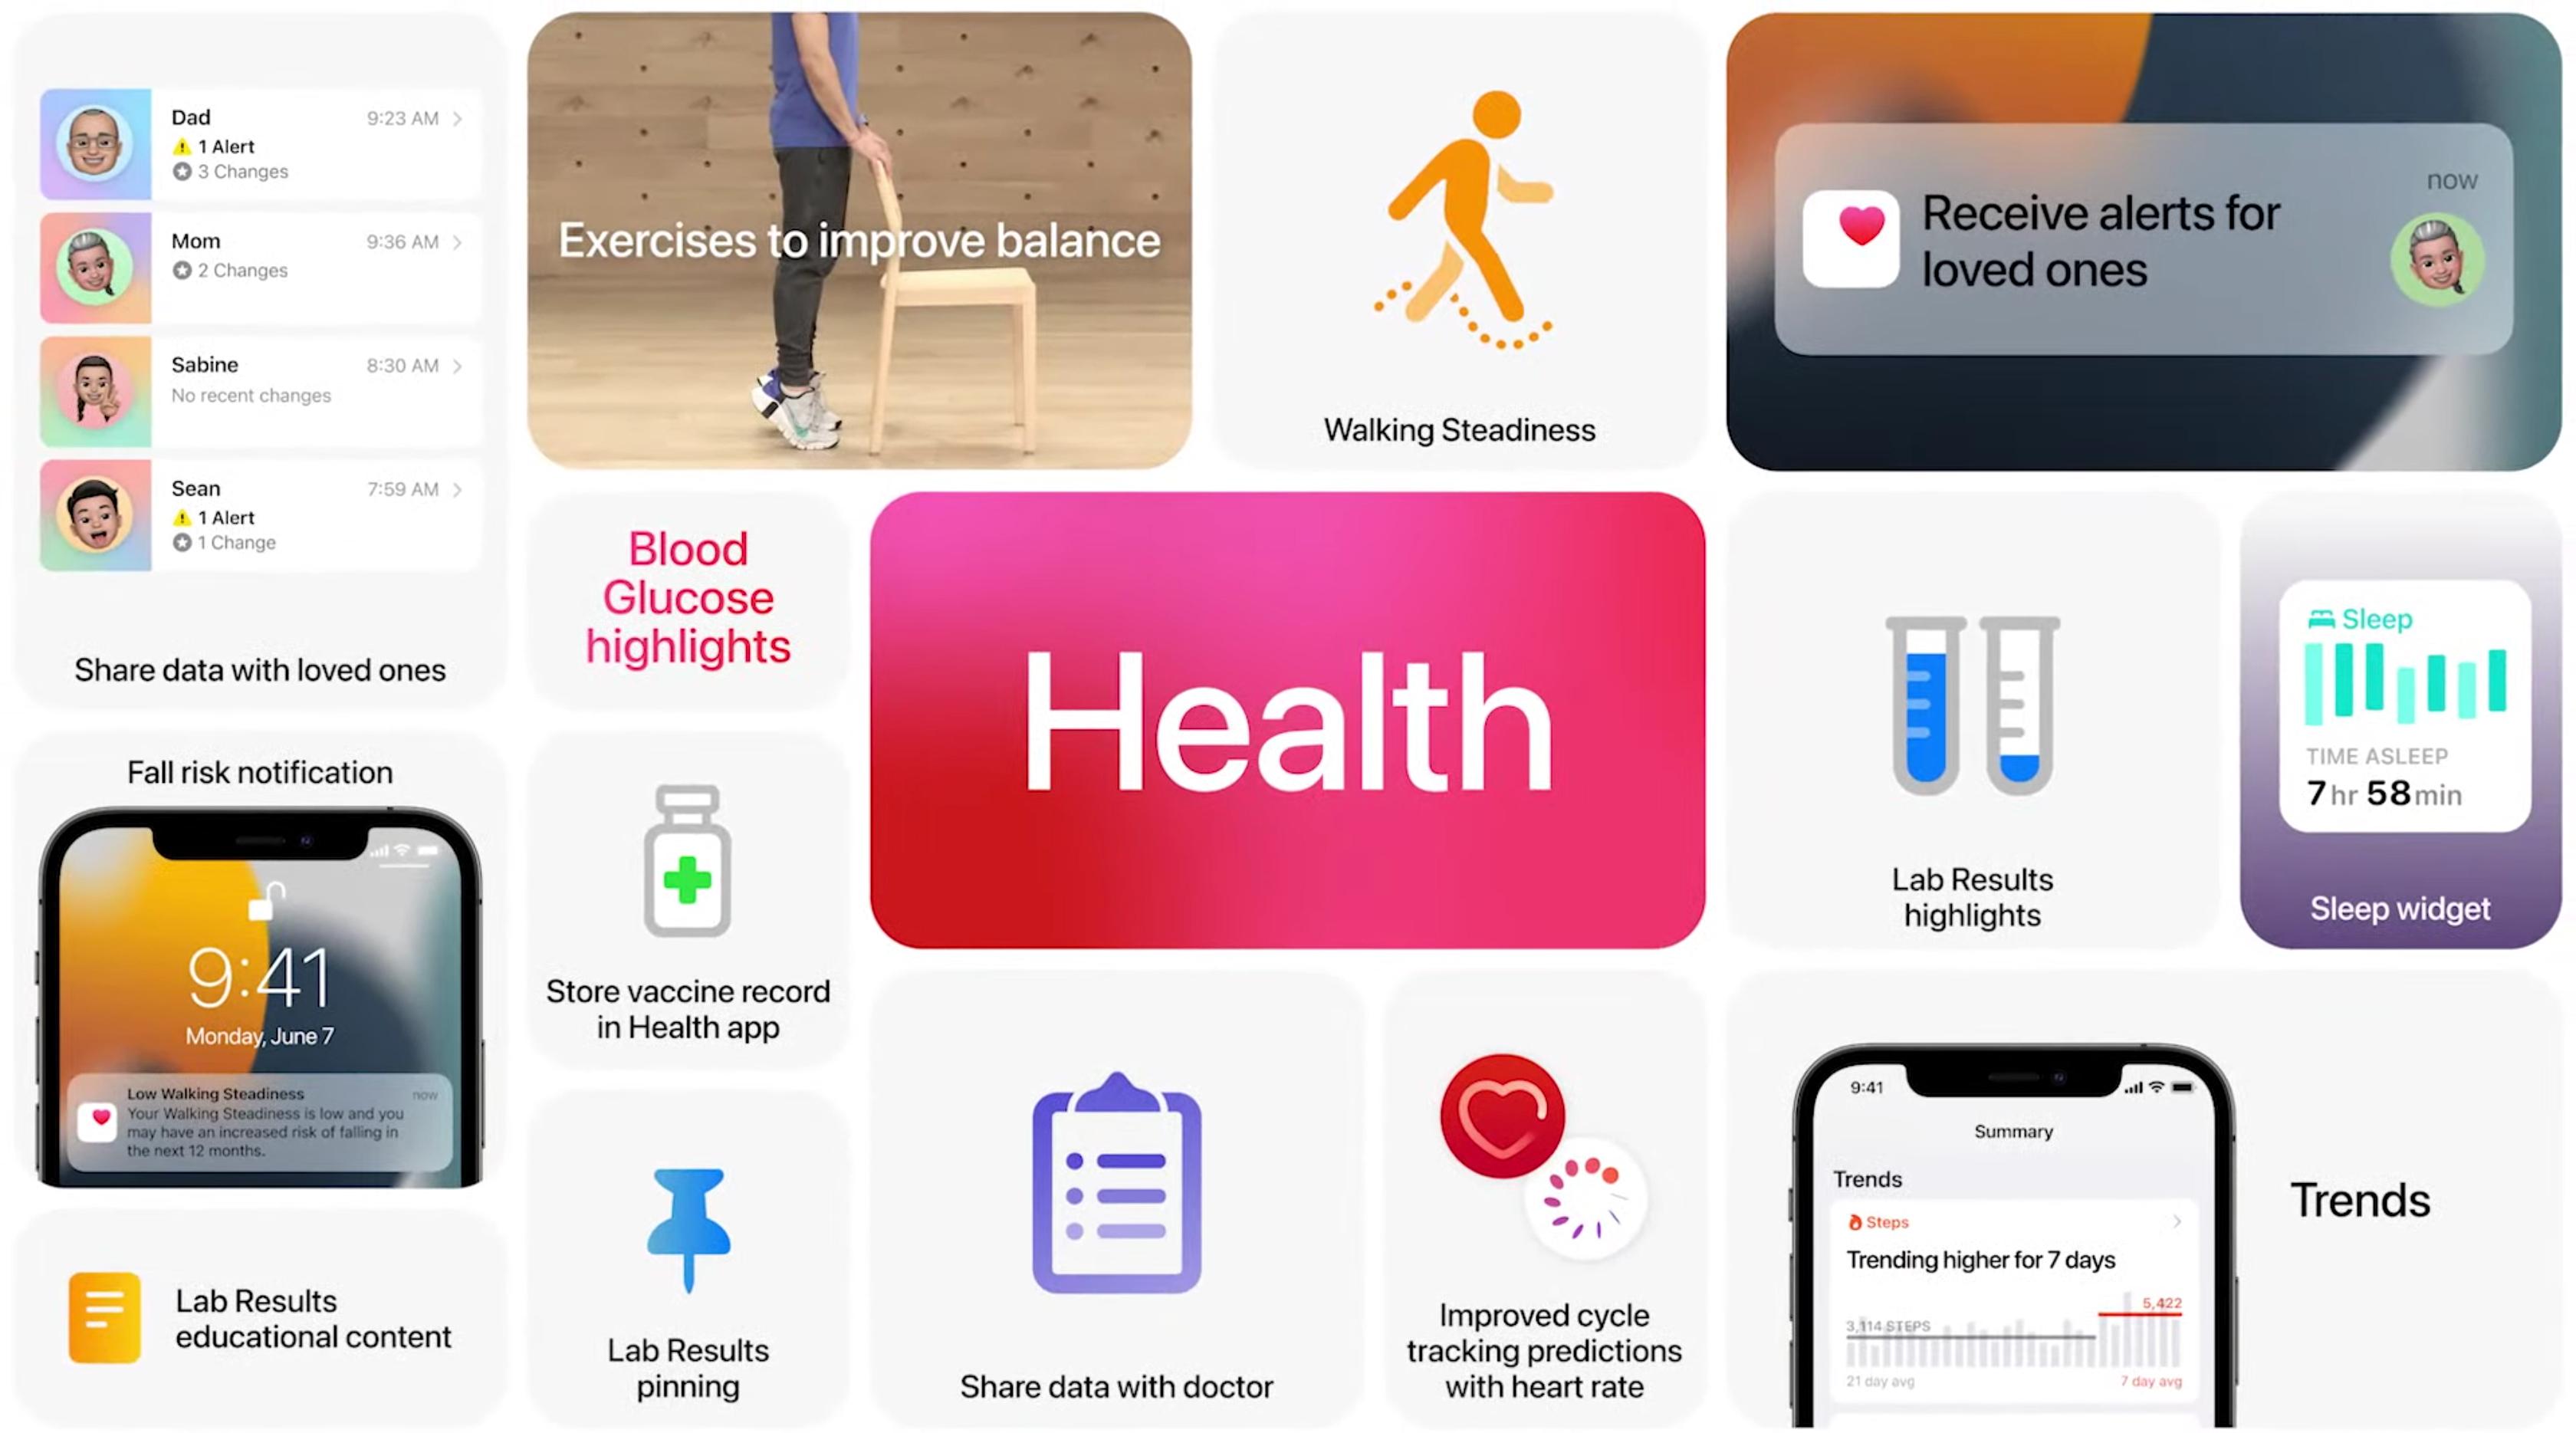 Apple Health, doktorlar ve aile üyeleriyle veri paylaşma özelliğini ekler | Engadget